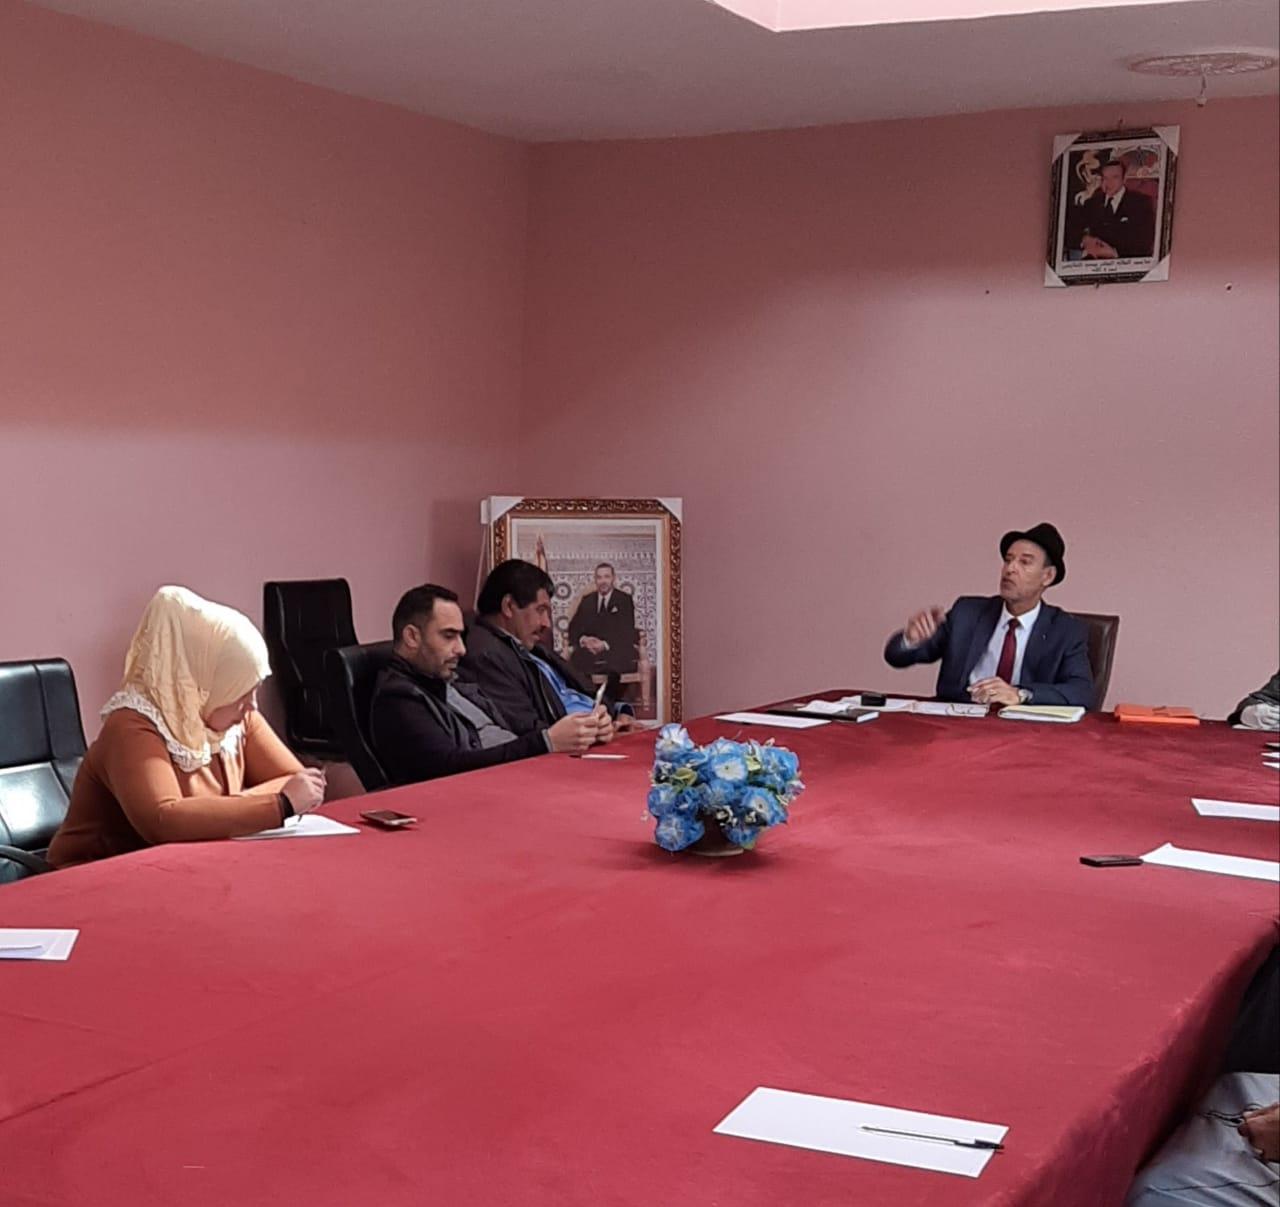 جماعة الحكاكشة بإقليم سيدي بنور توزع مساعدات على الساكنة لمواجهة تبعات فيروس كورونا